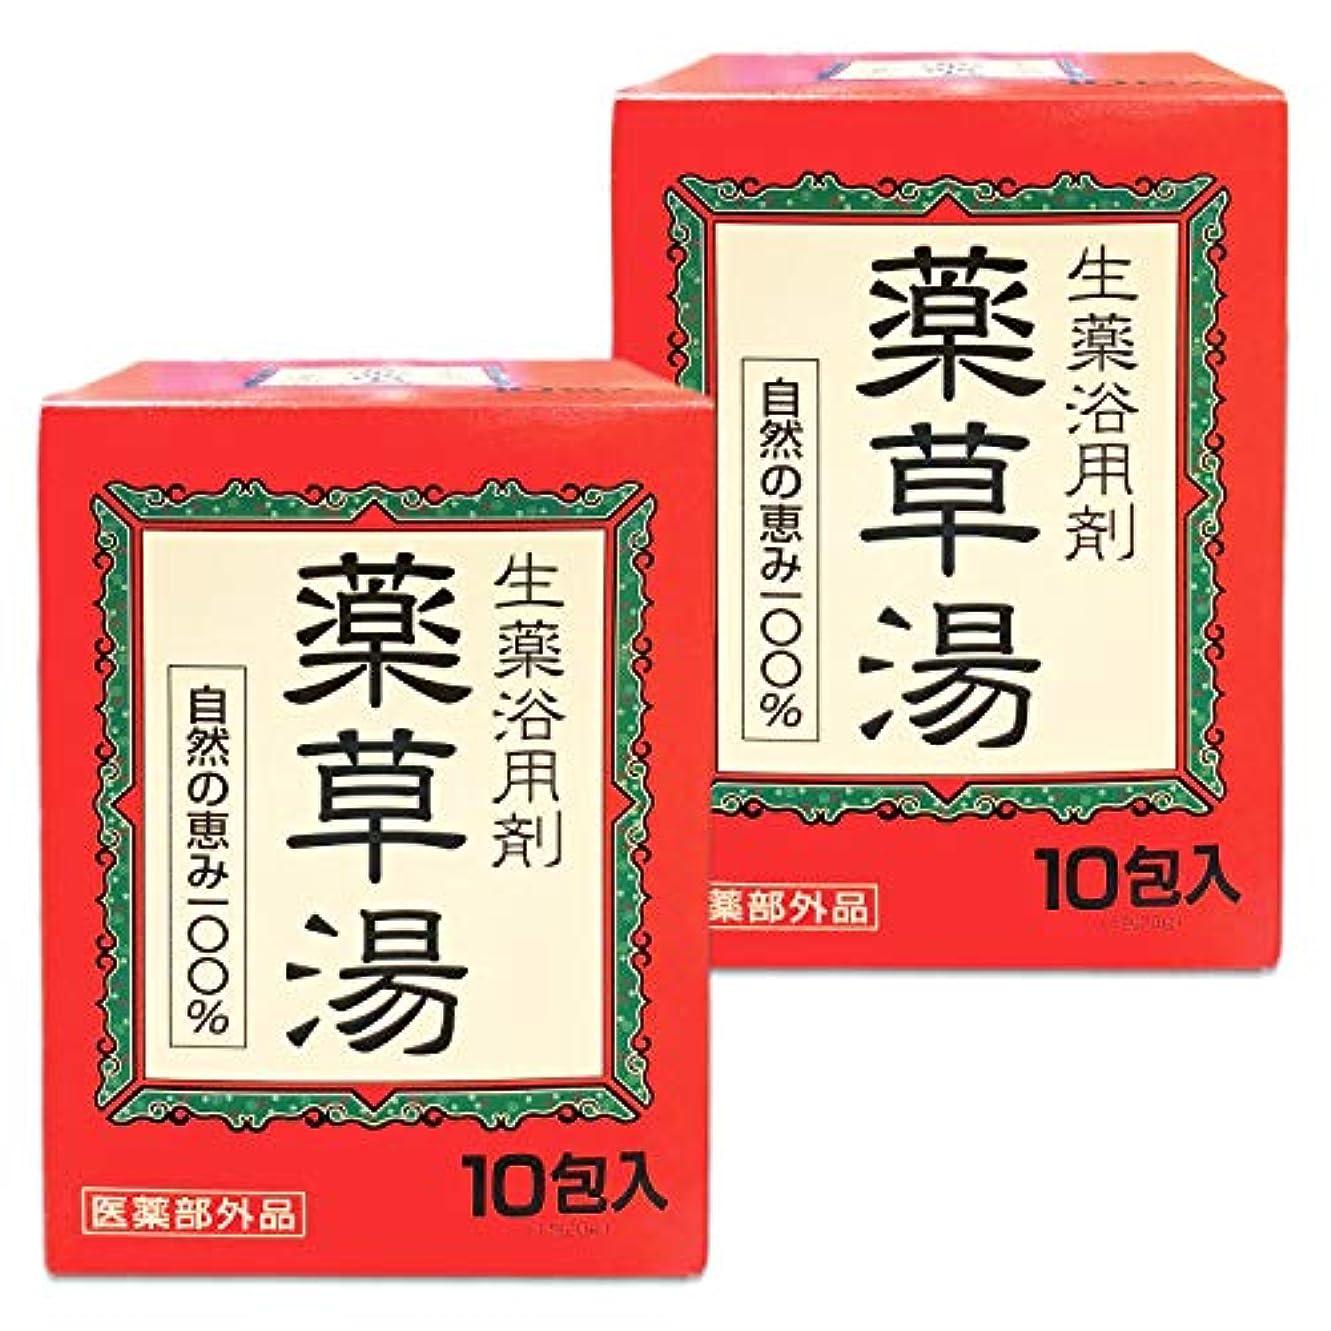 悪性スピリチュアルラリー【まとめ買い】 薬草湯 生薬浴用剤 10包入×2個 自然のめぐみ100% 医薬部外品